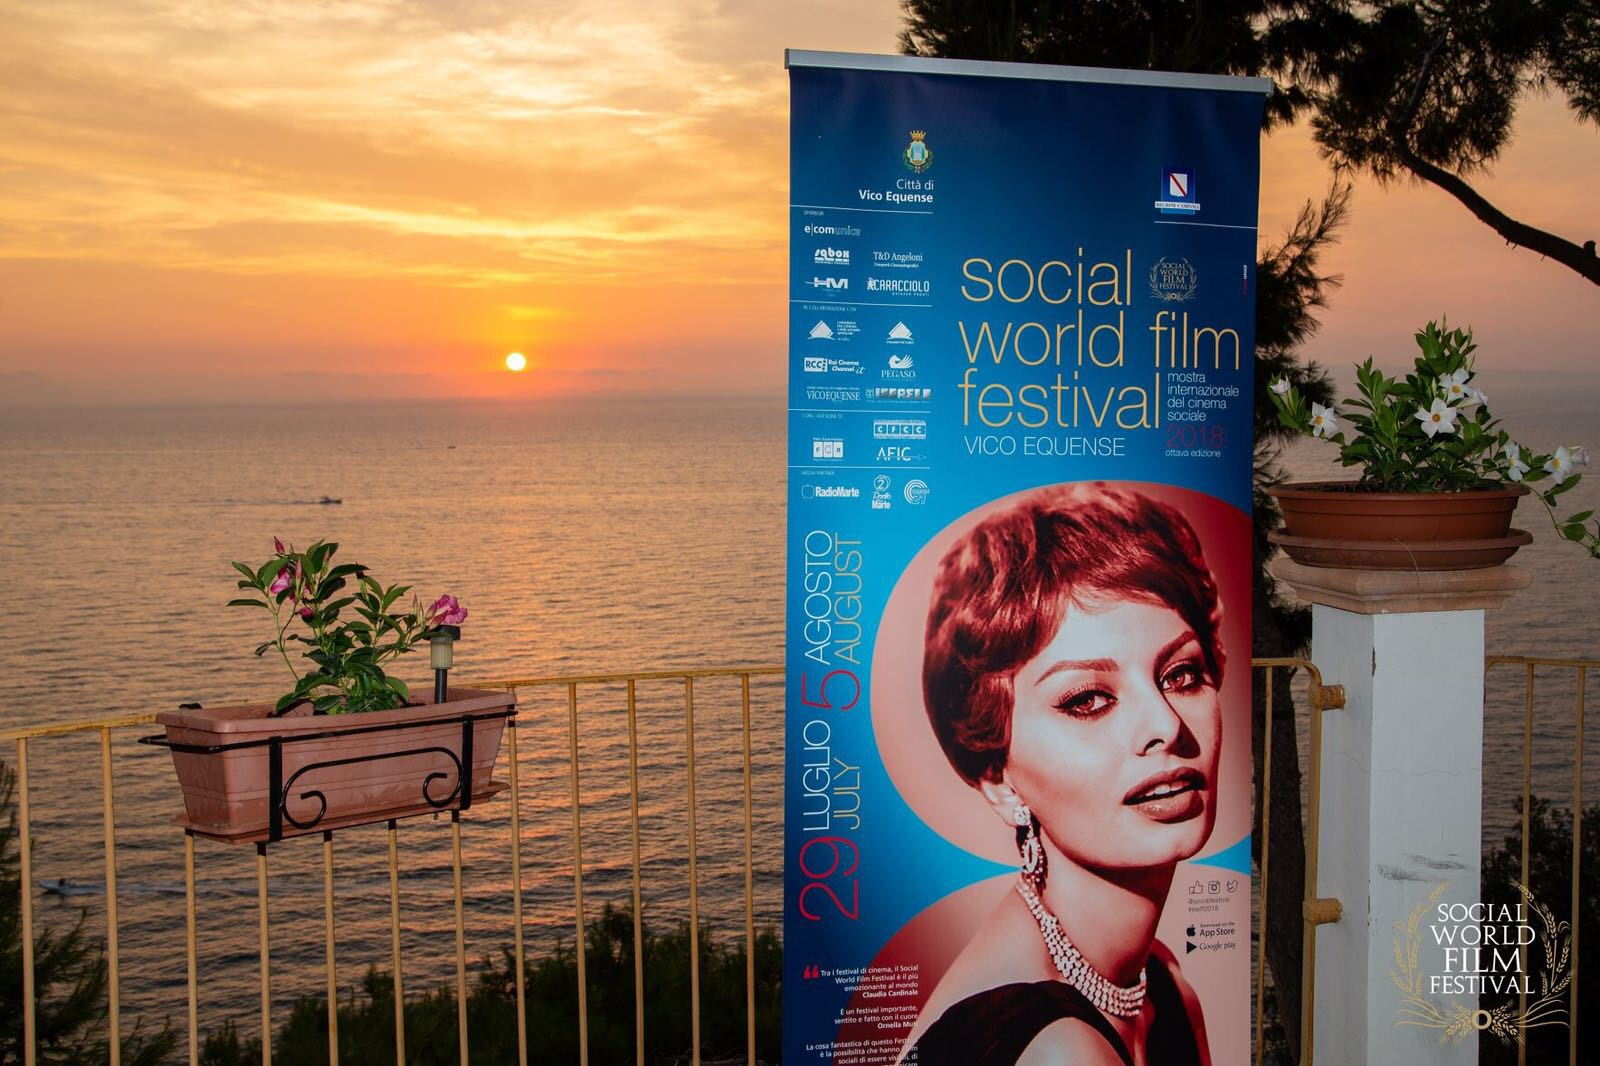 Social World Film Festival 2018: i numeri di una edizione internazionale